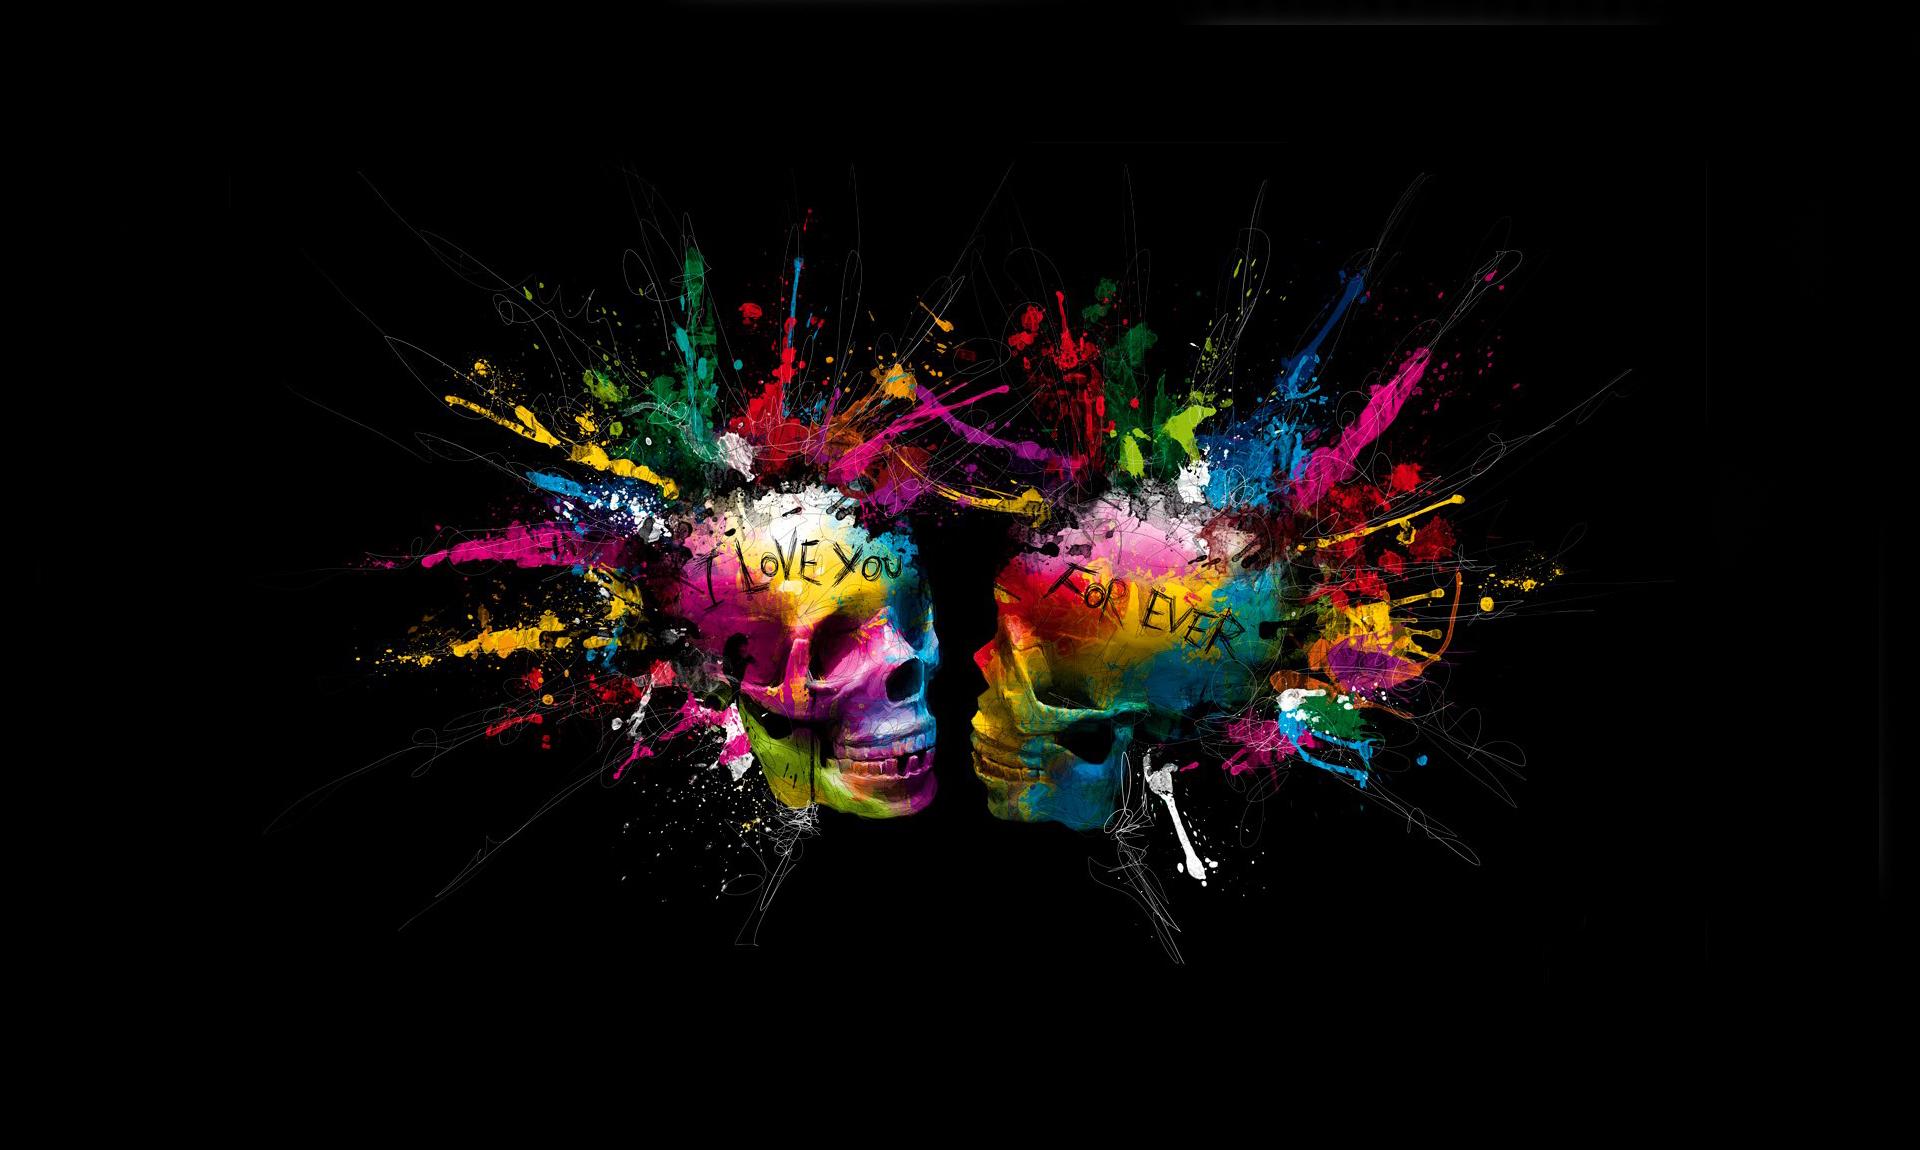 Wallpaper eternal love love forever skull spray bright colors 1920x1150